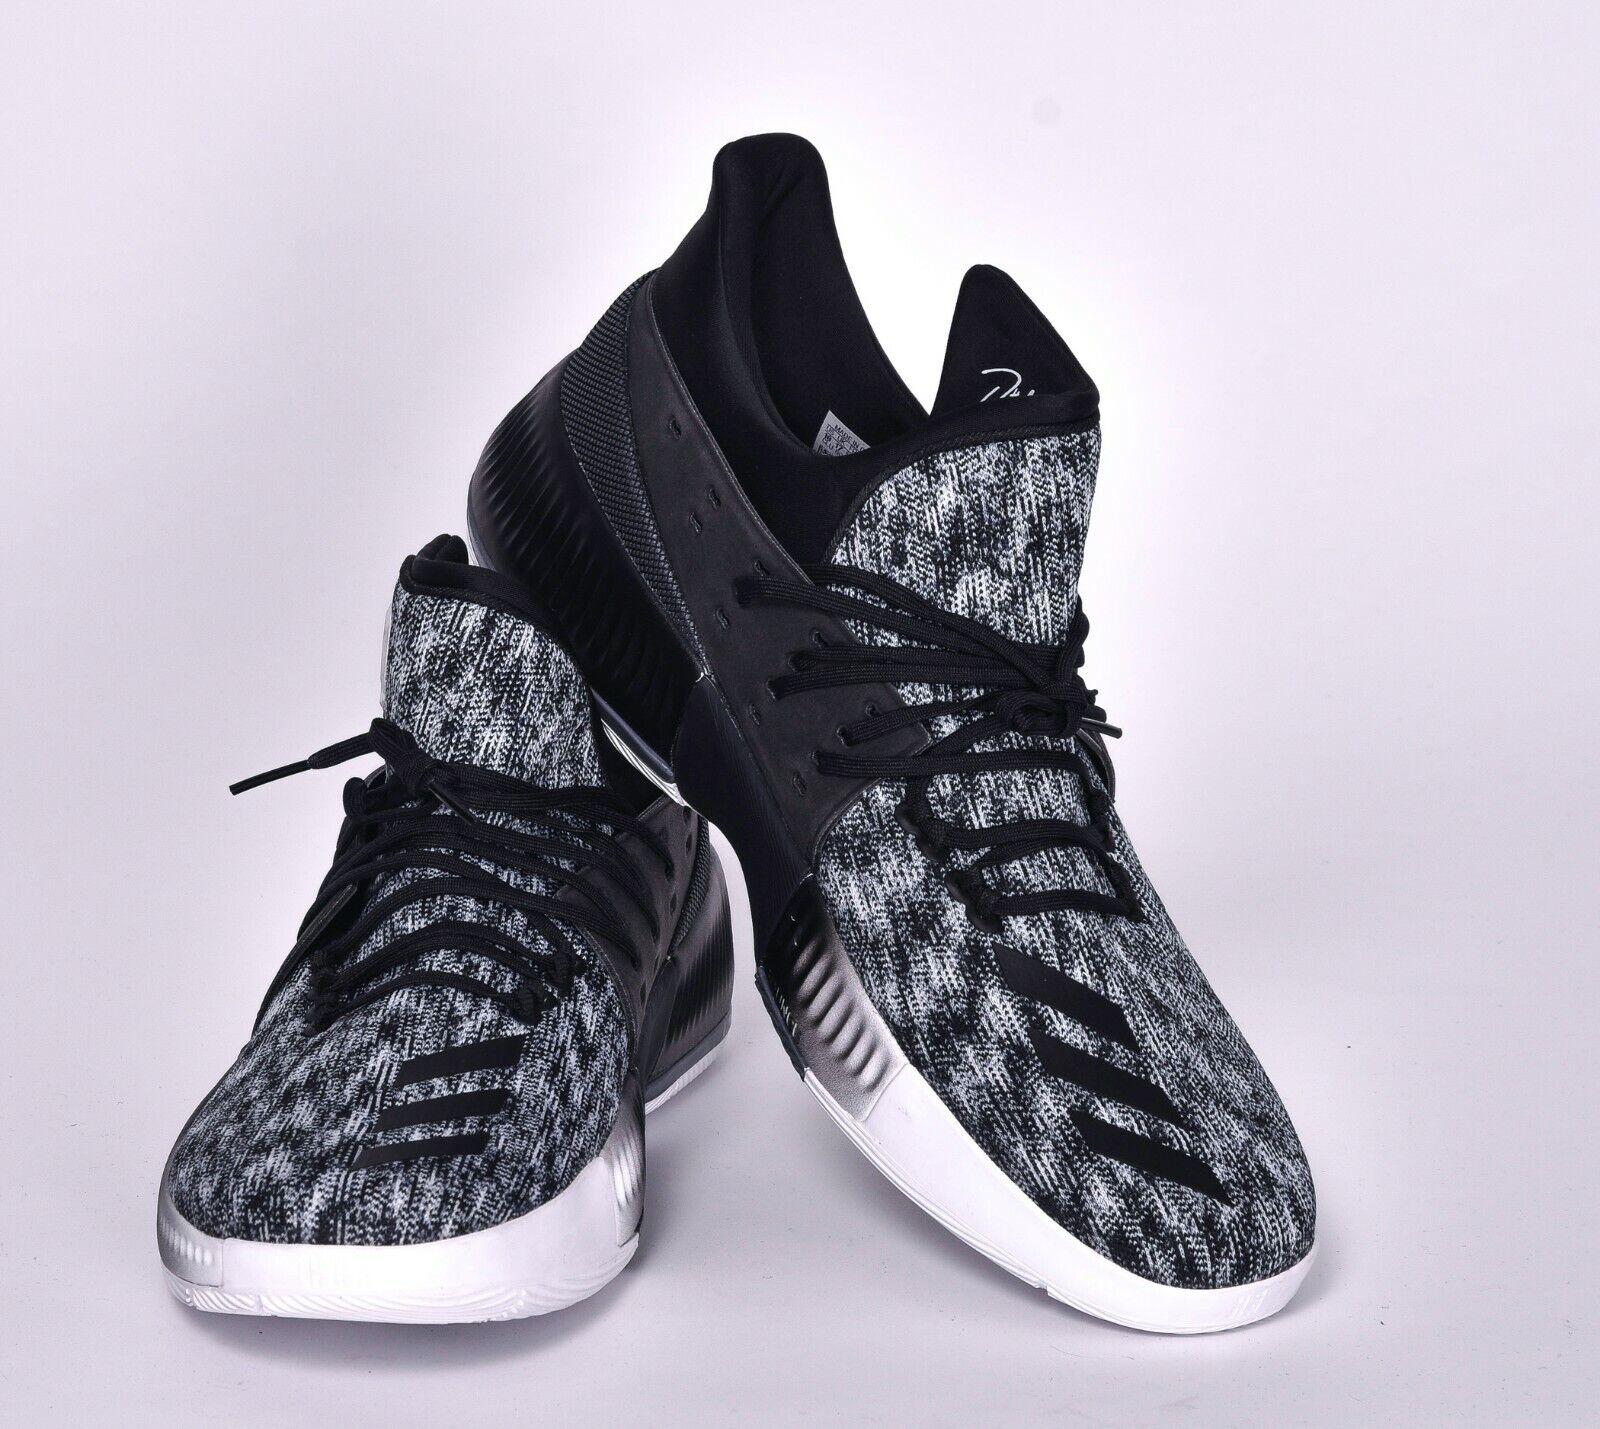 00155264187dc Stylish Adidas Oakland Ogden Oregon Basketball Basketball Basketball bounce  shoes.US18. UK17. FR53